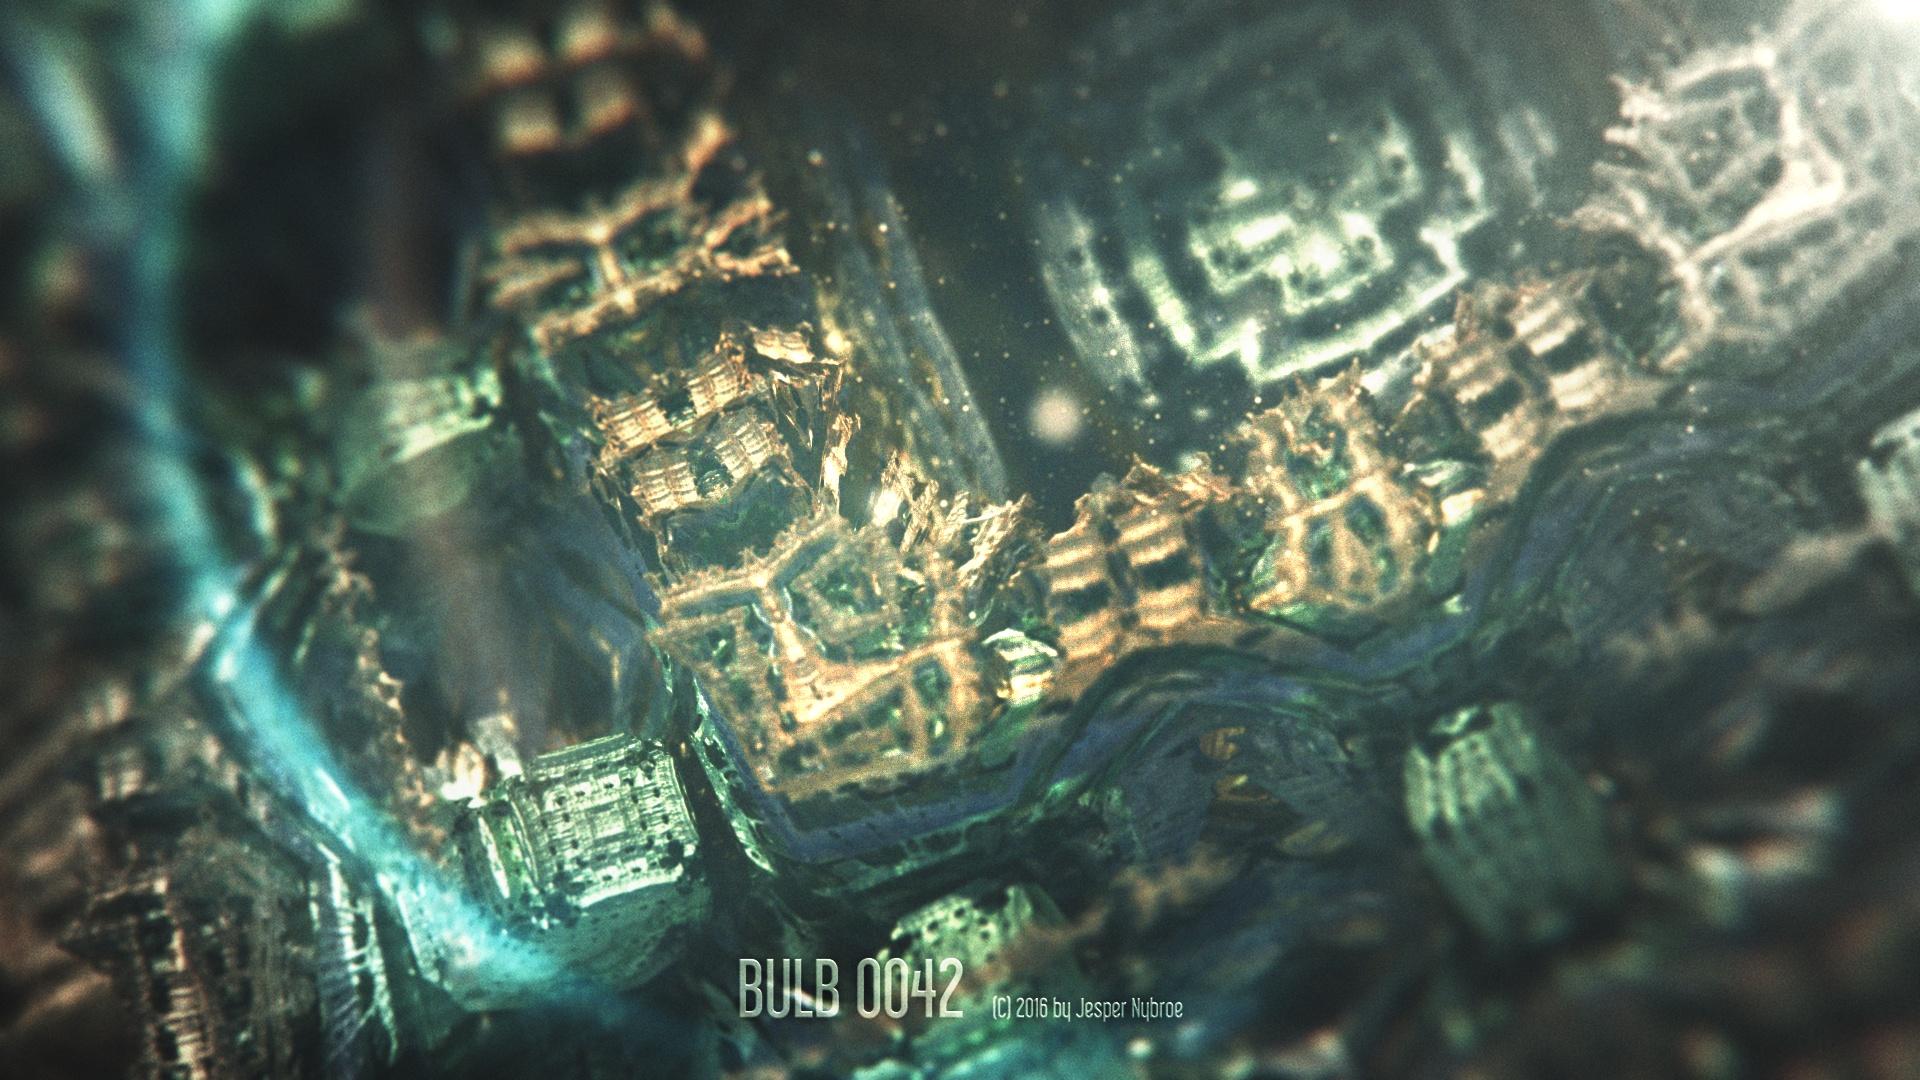 Bulb0042_v001.0001.jpg